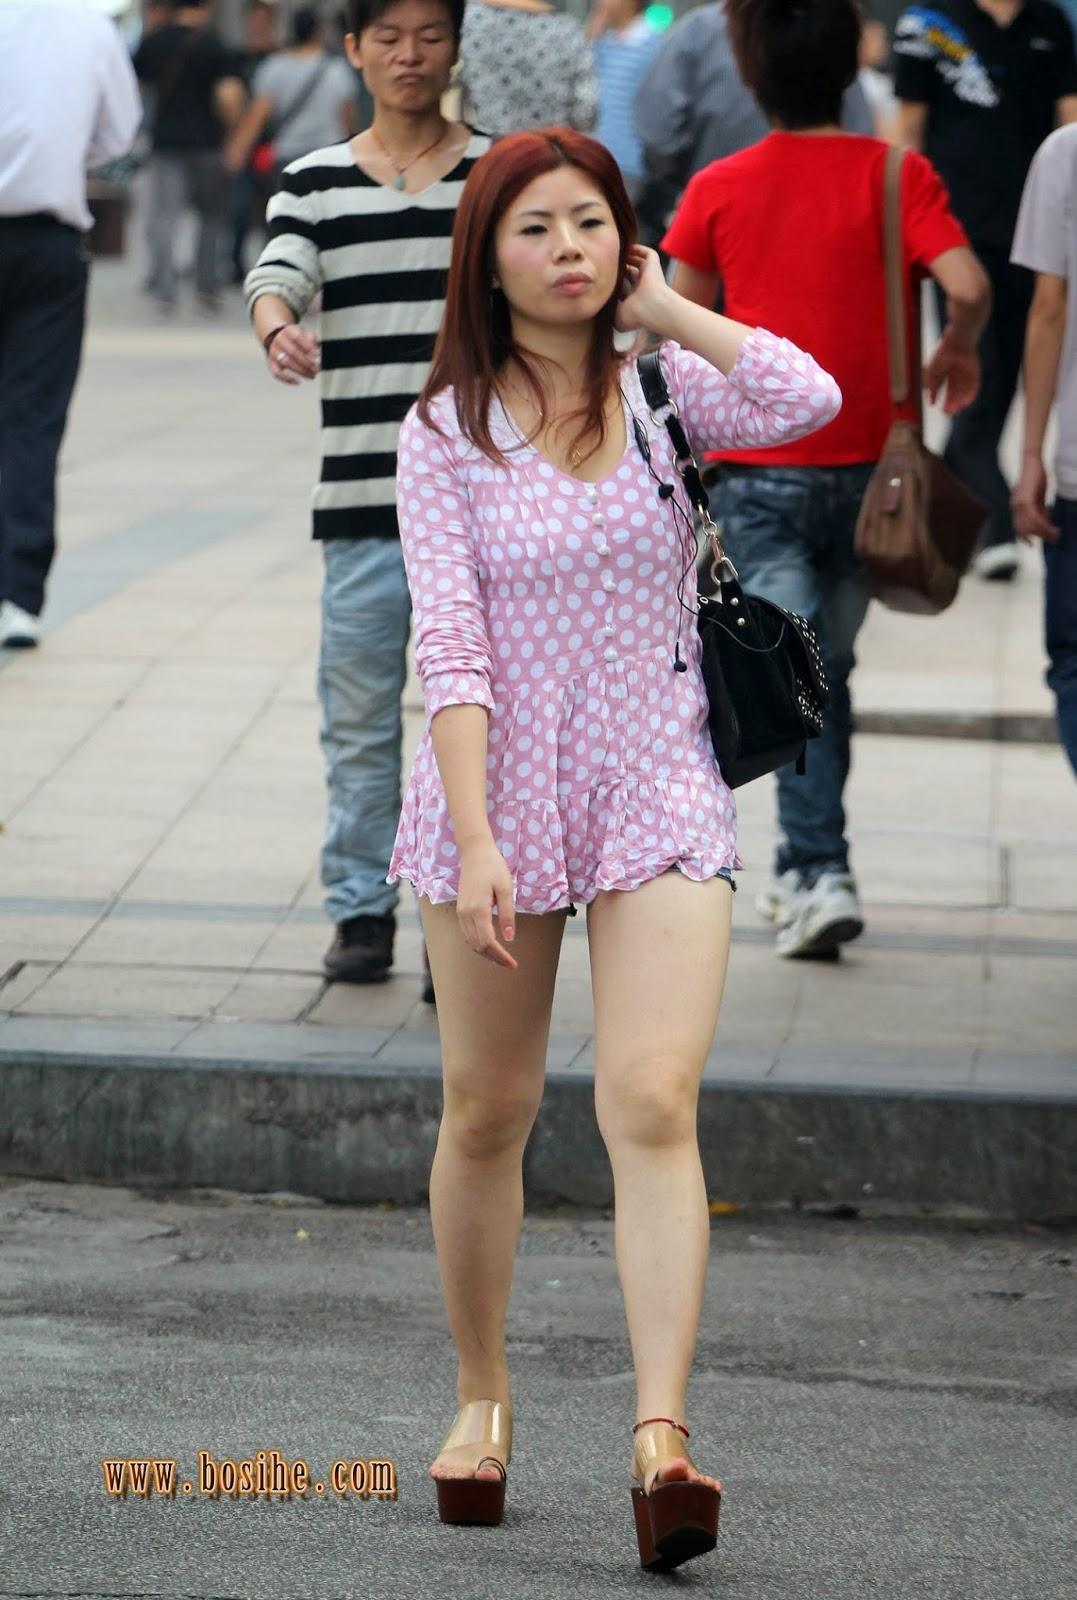 Asian street girls